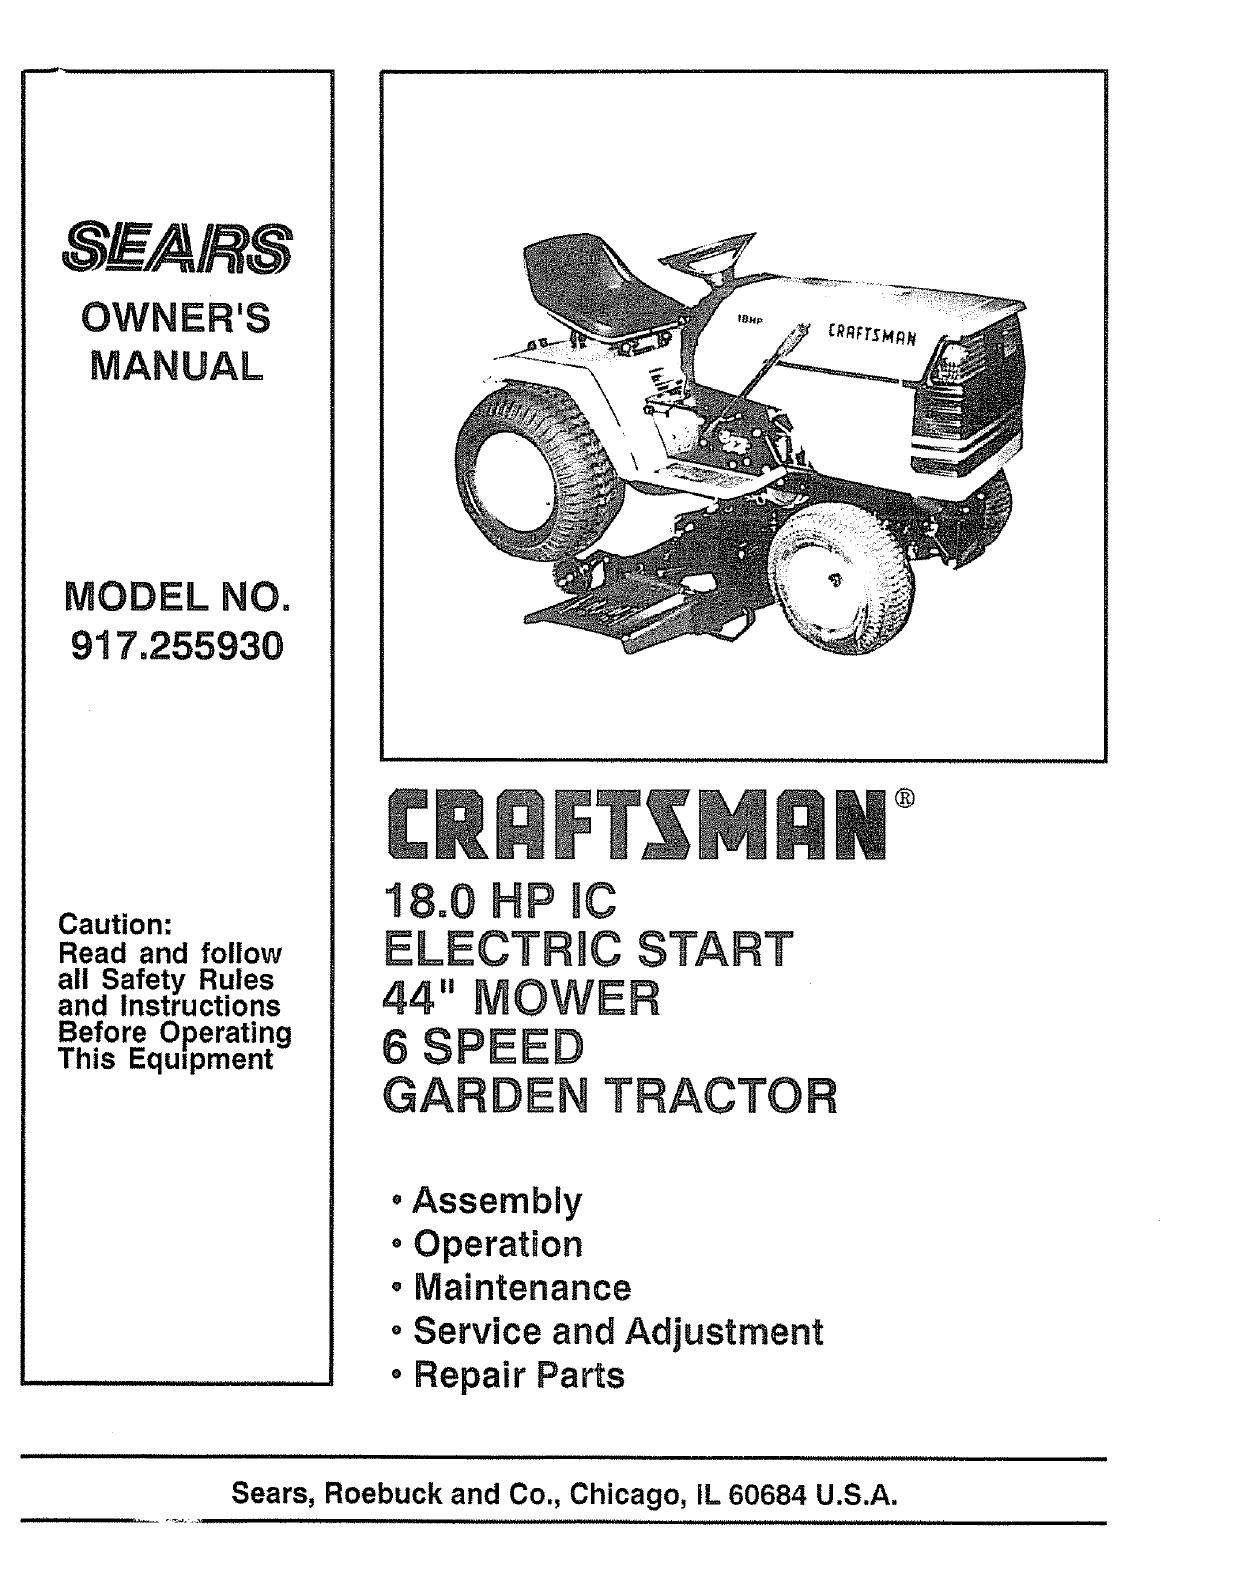 V-BELT 106381X CRAFTMAN Sear RIDER Lawn MOWER